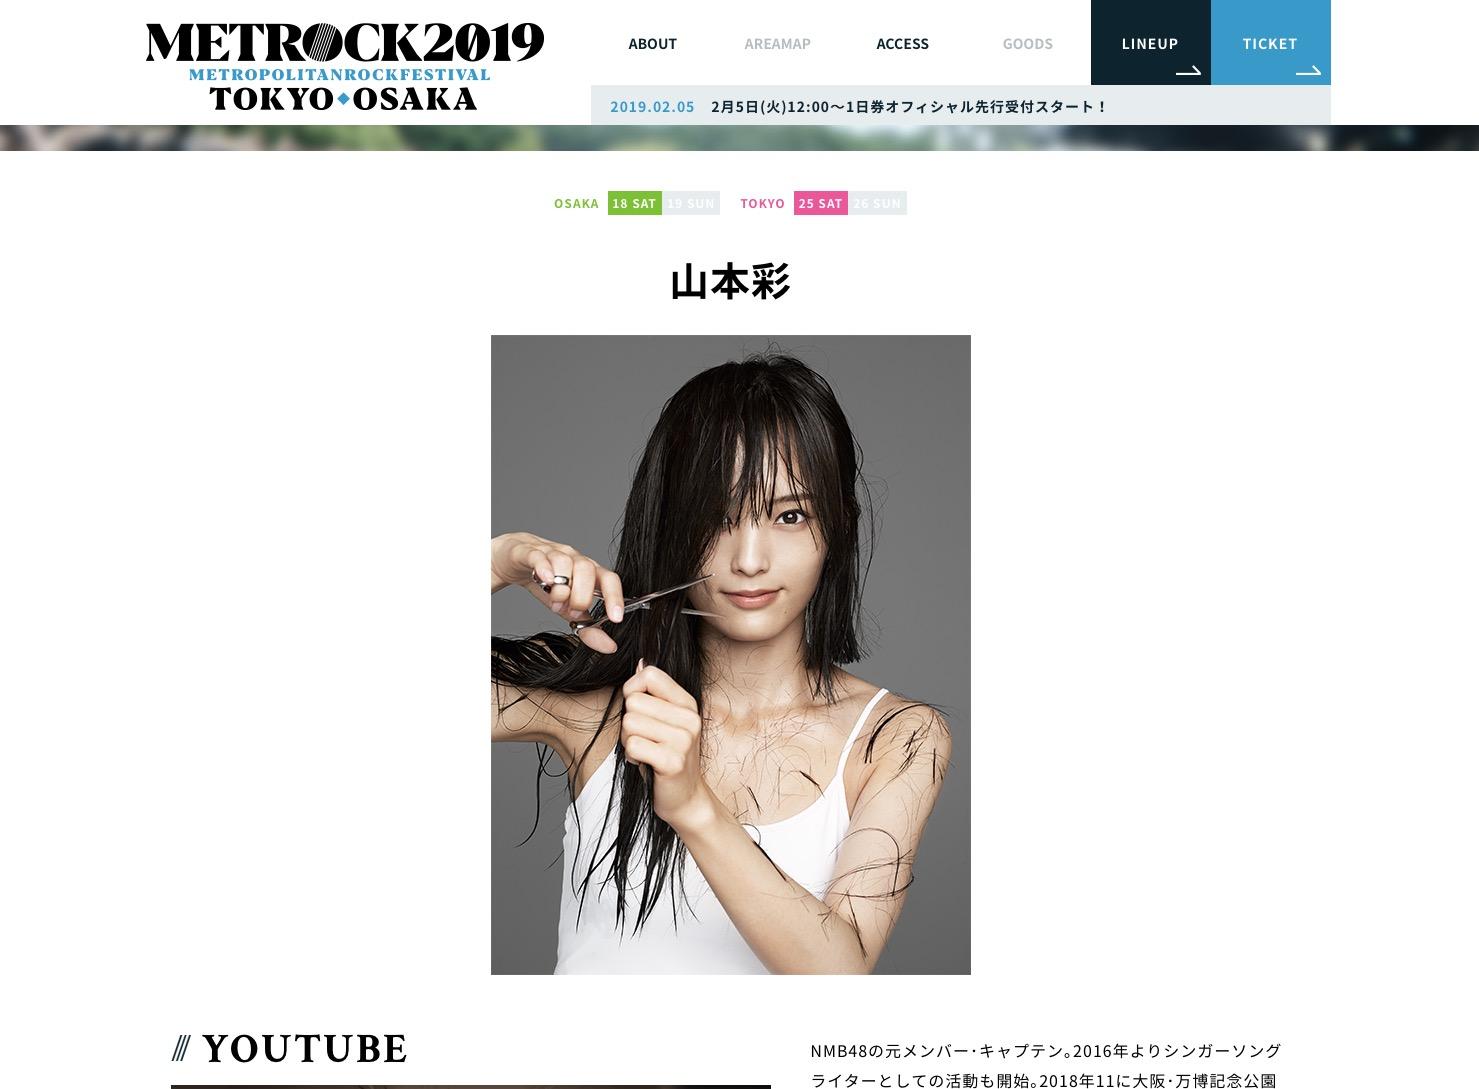 【山本彩】さや姉のMETROCK2019出演が発表。5月18日・大阪、5月25日東京に登場。